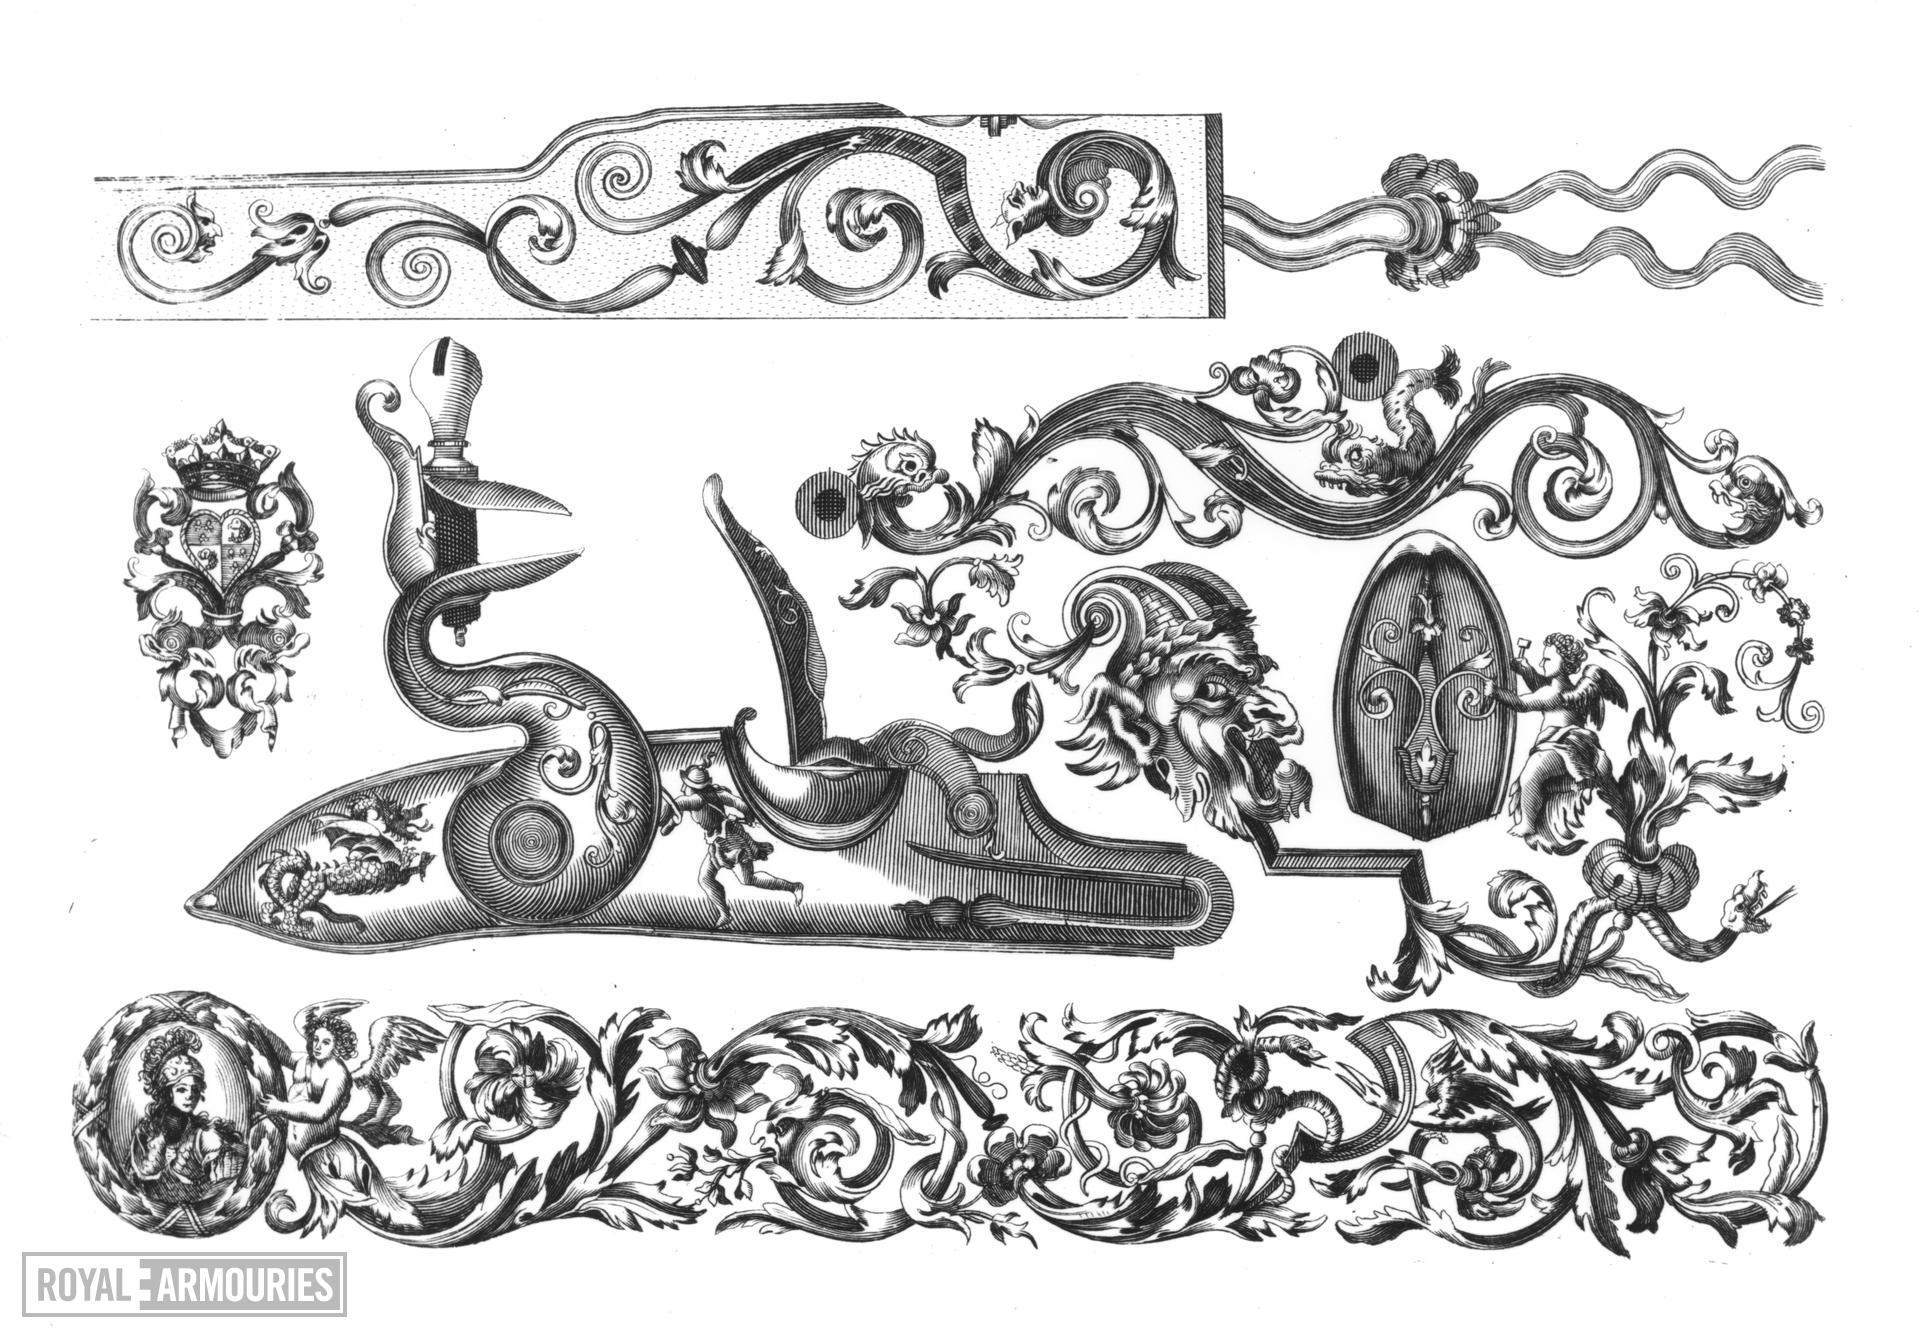 Prints P. Schonck, 'Plusiers Pieces et Ornements d'Arquebuserie', Amsterdam, 1692.